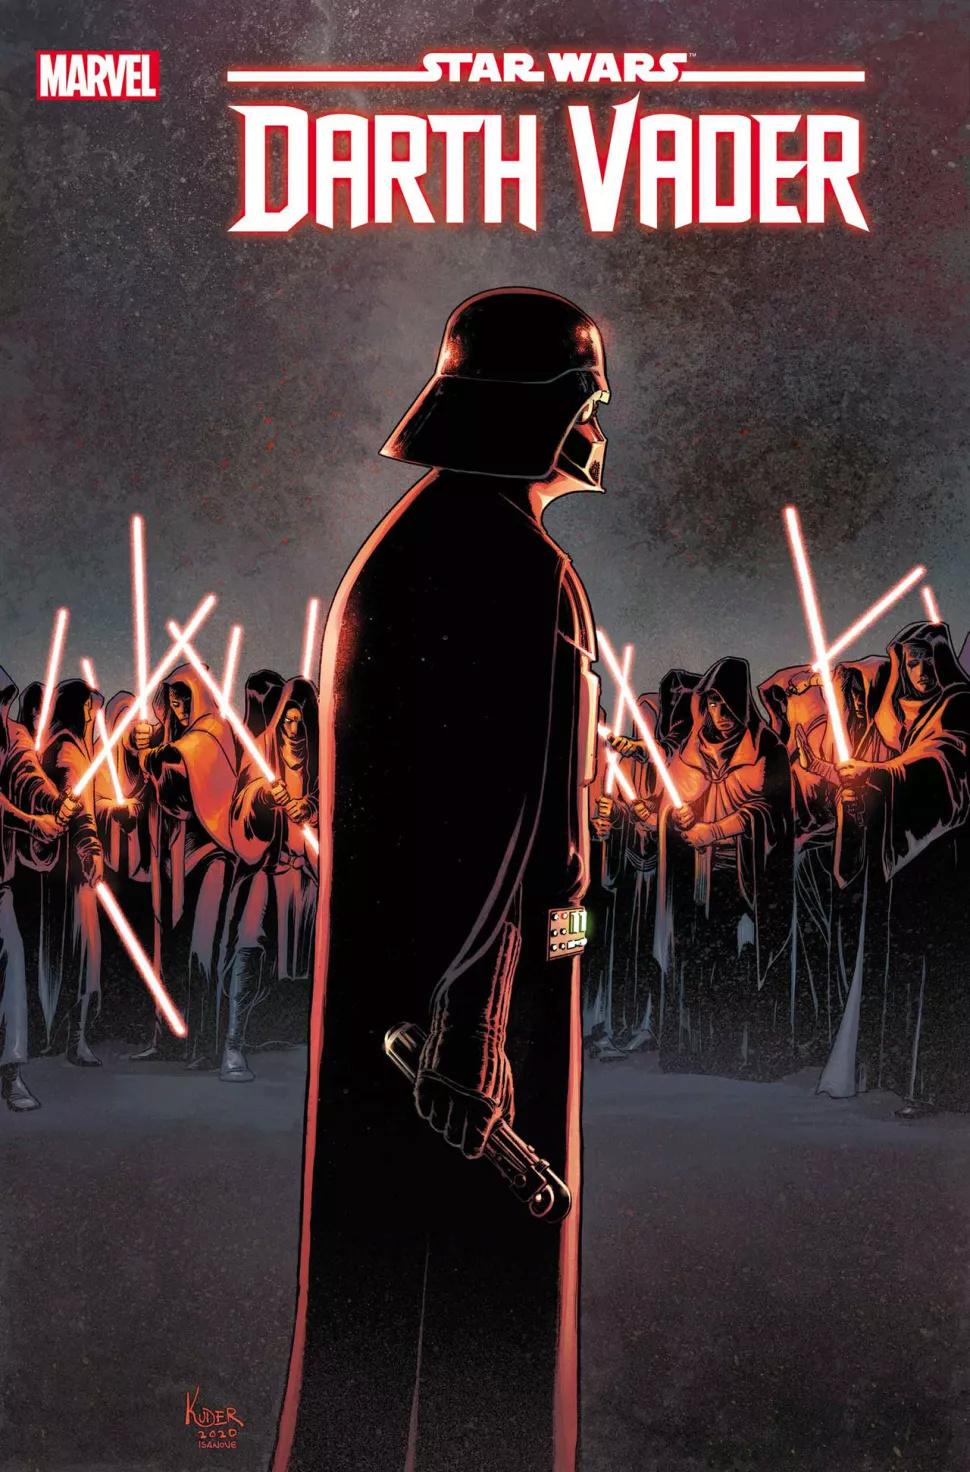 Star Wars Darth Vader 2020 - Marvel Darth172